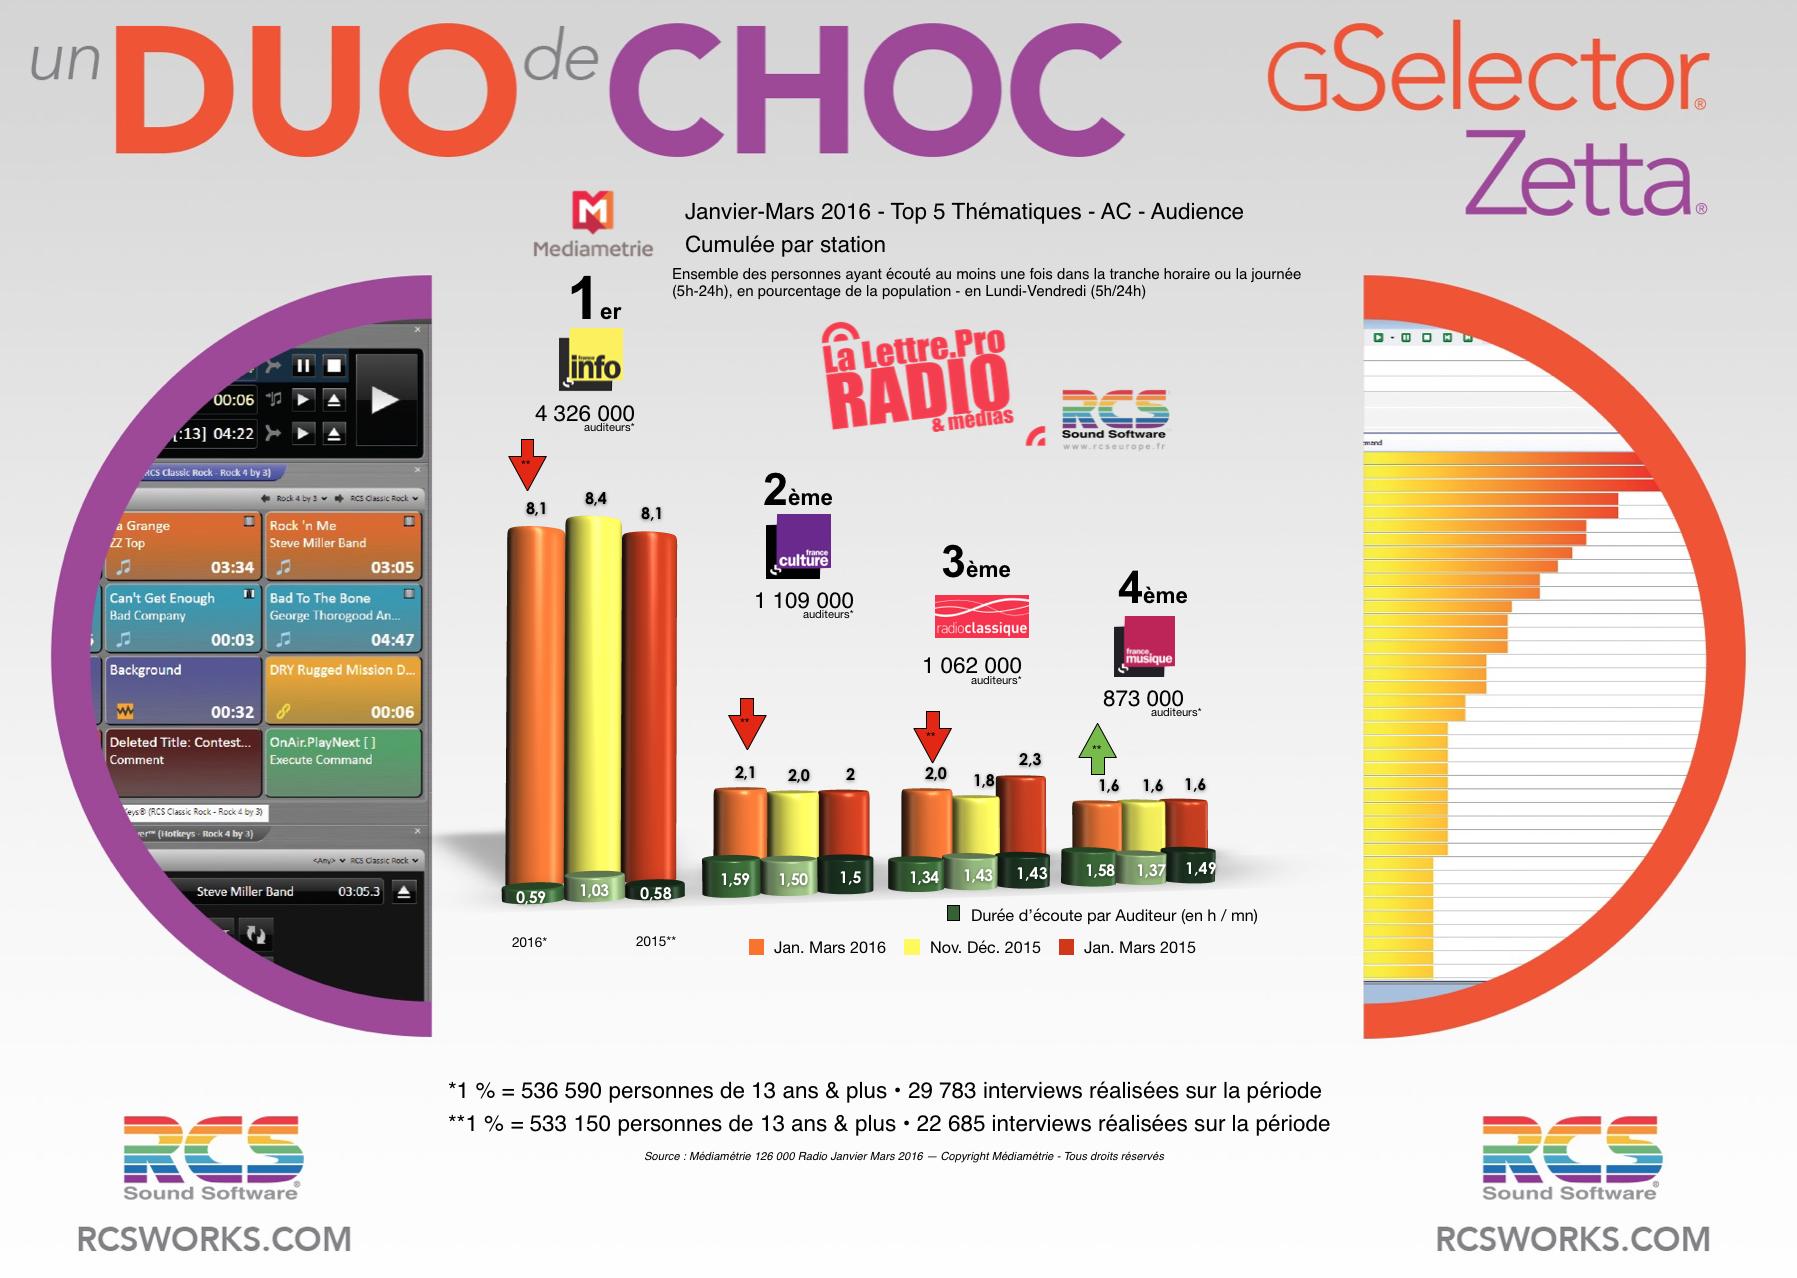 Diagramme exclusif LLP/RCS GSelector 4 - TOP 5 radios Thématiques en Lundi-Vendredi - 126 000 Radio Janvier-Mars 2016